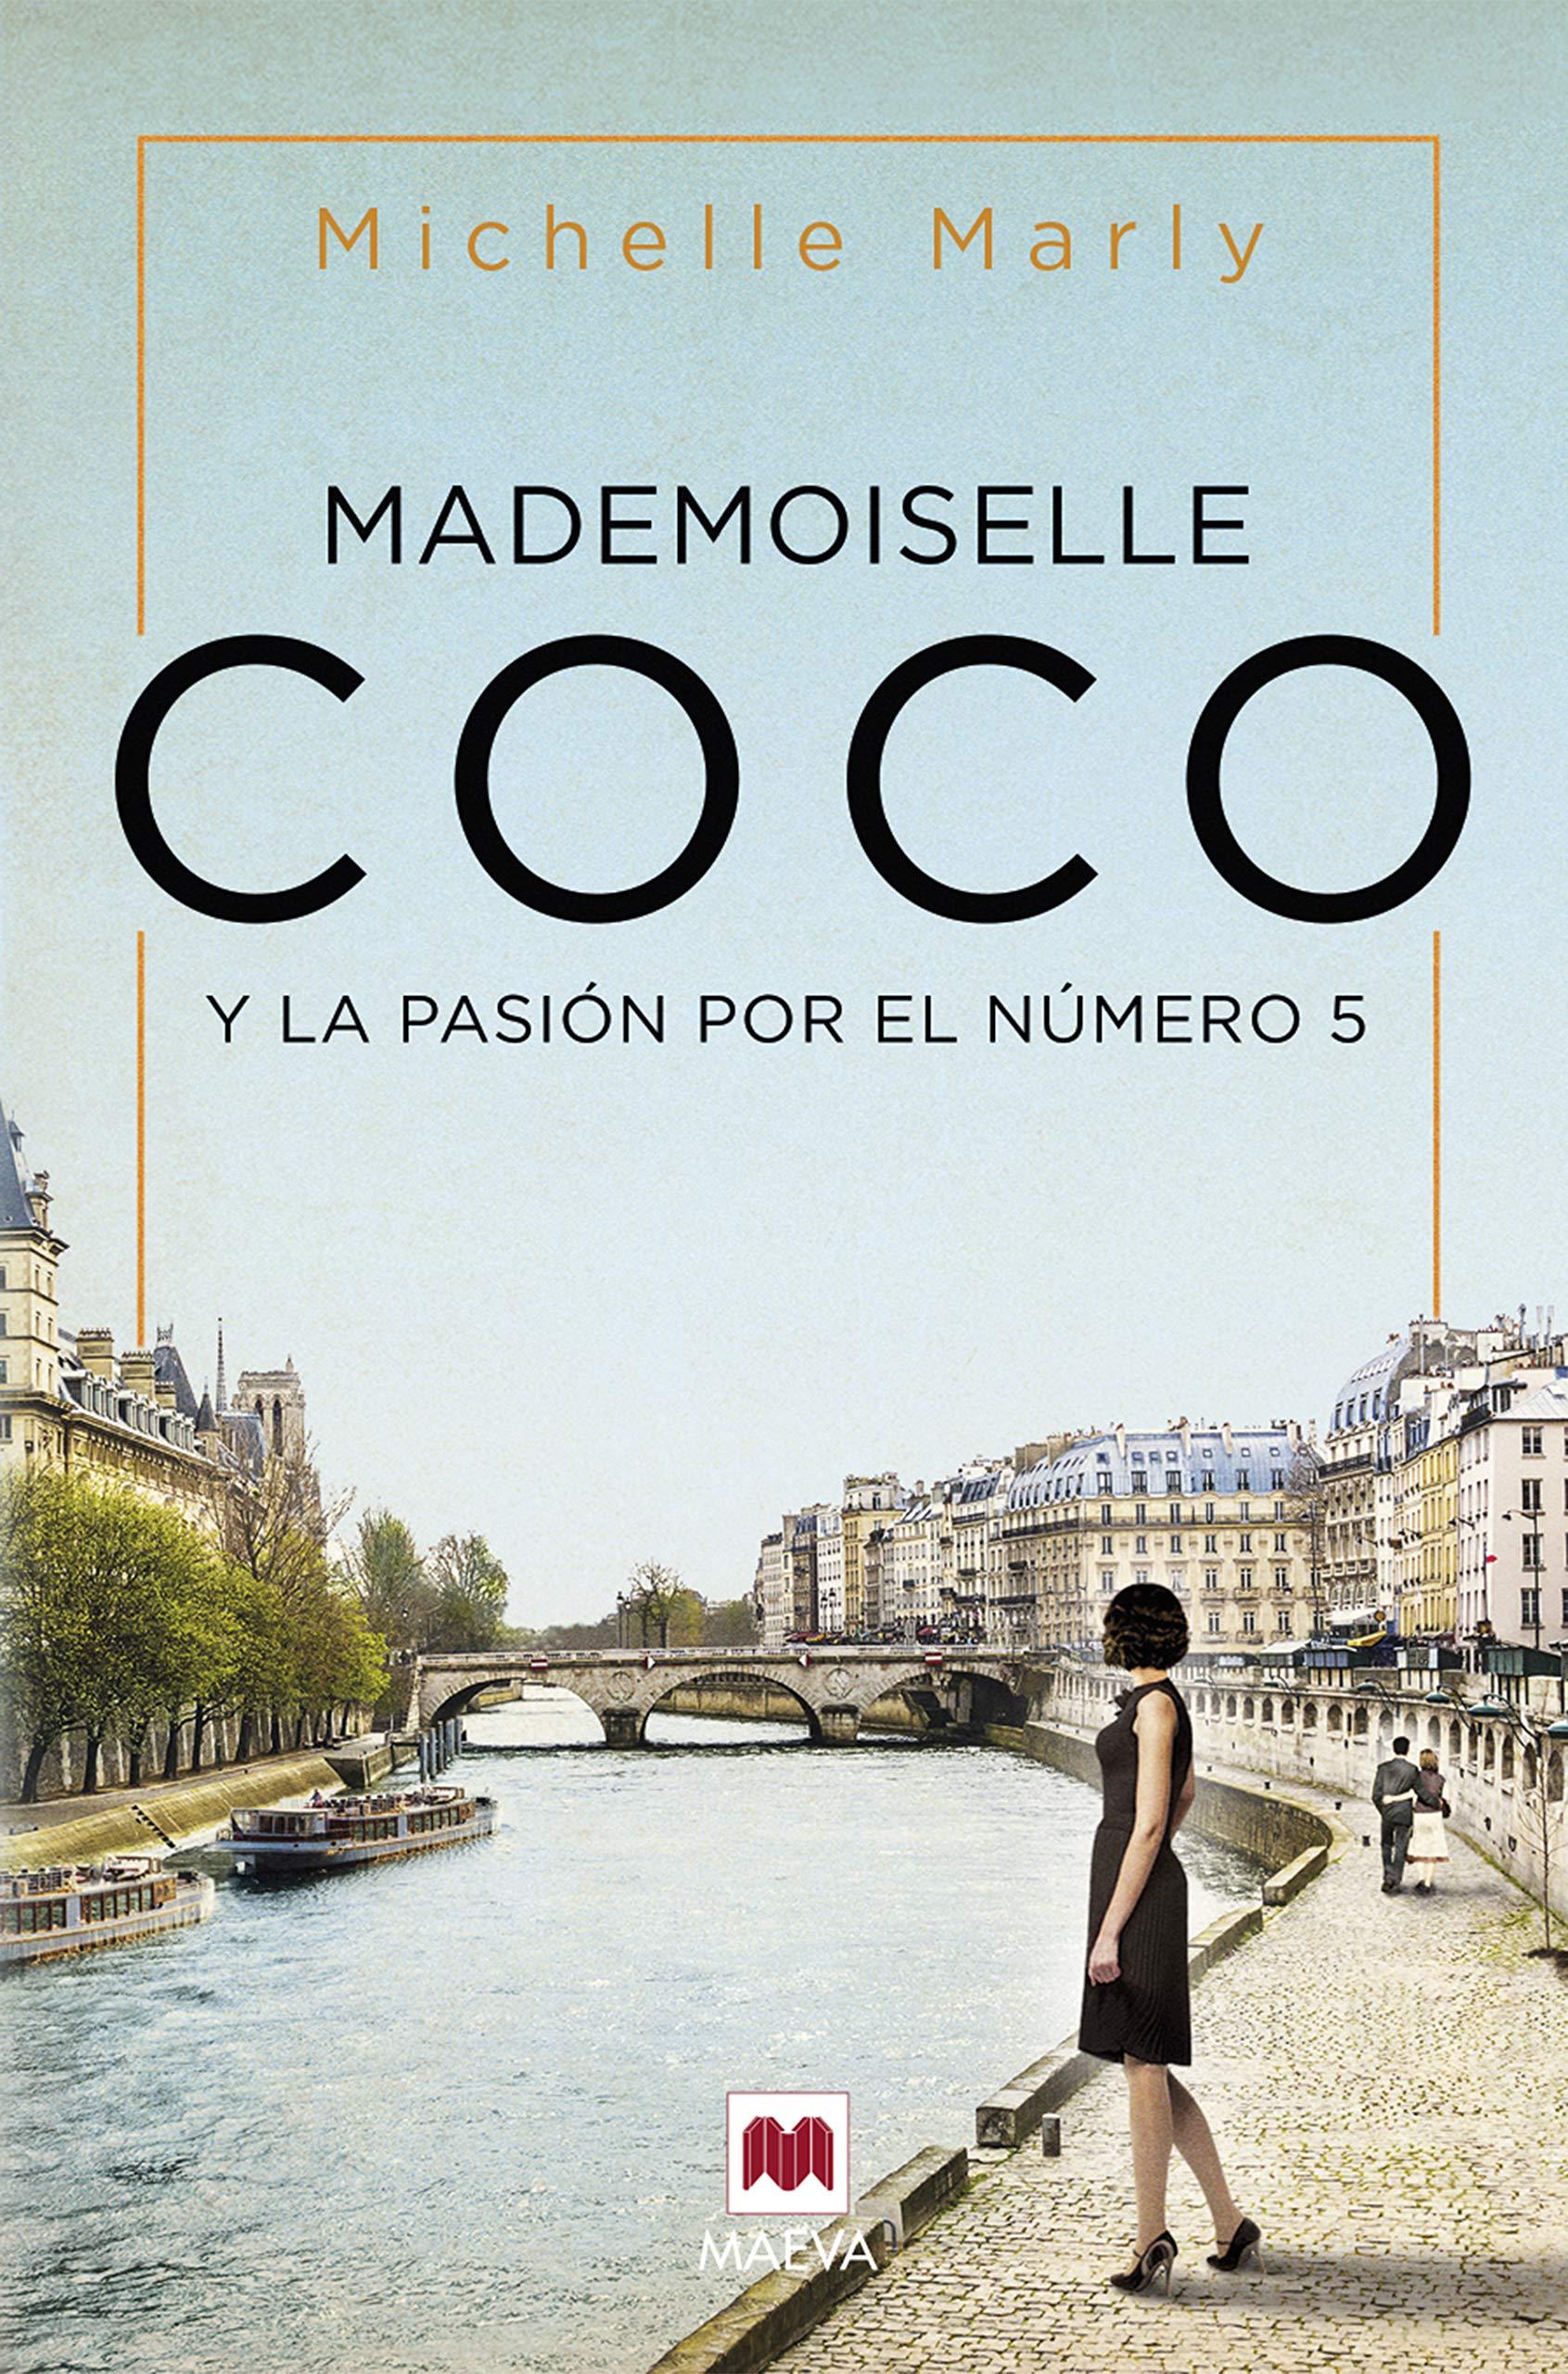 Mademoiselle Coco: y la pasión por el número 5 Grandes Novelas: Amazon.es: Marly, Michelle, Álvarez Grifoll, Lidia: Libros